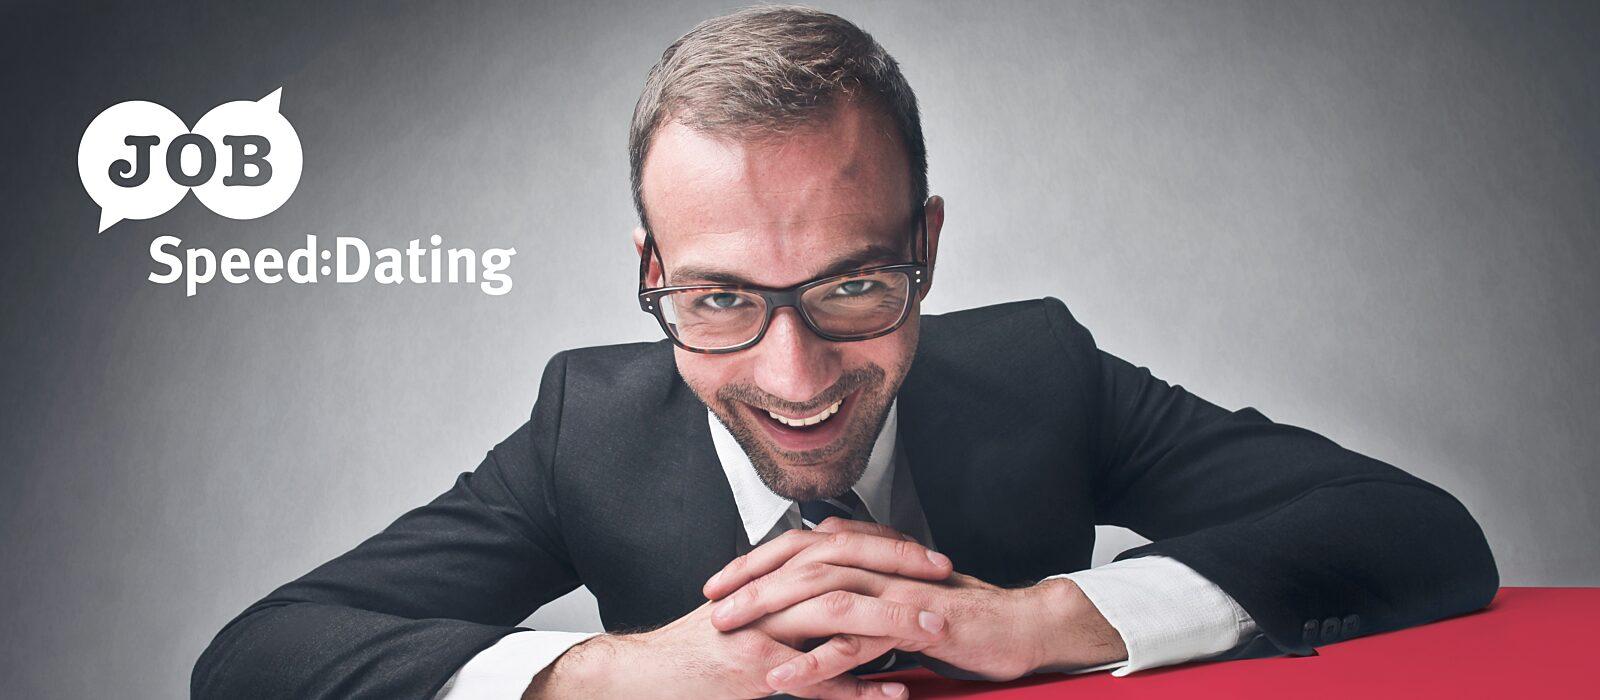 Job Speeddating Copyright: LEG Thuringen